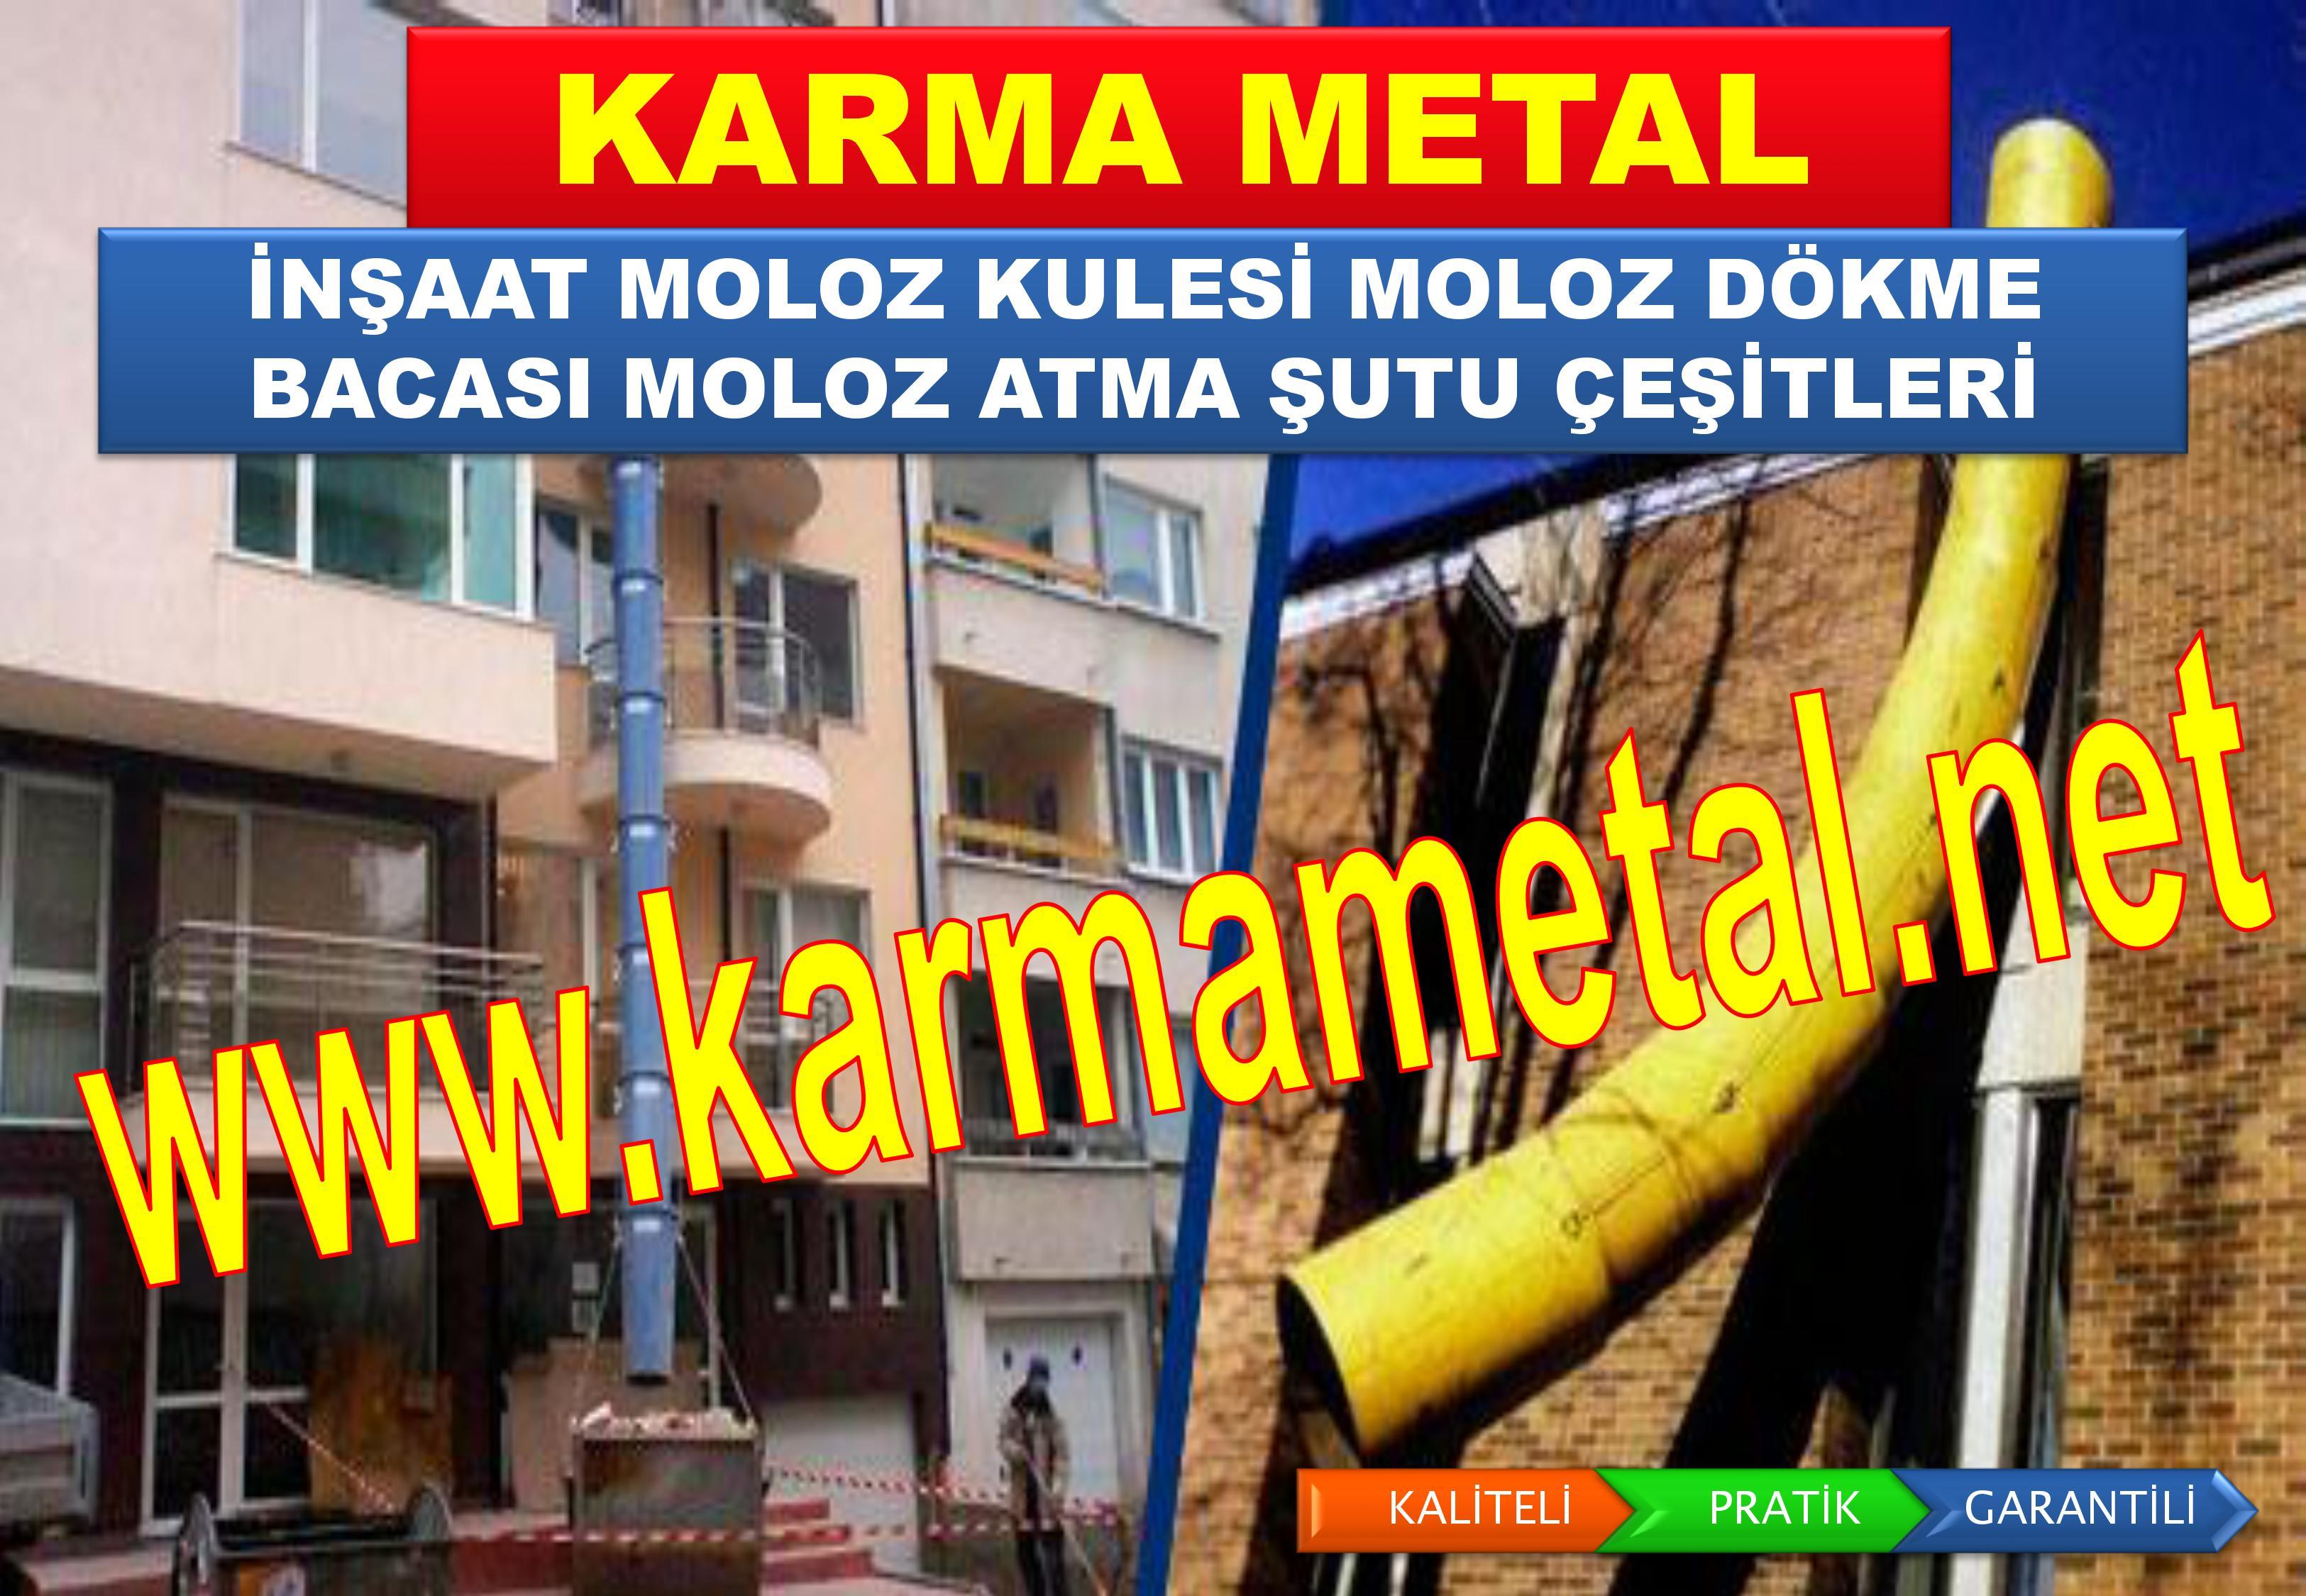 moloz_atma_kulesi_dokme_bacasi_yahliye_borusu_cesitleri_imalati (44)